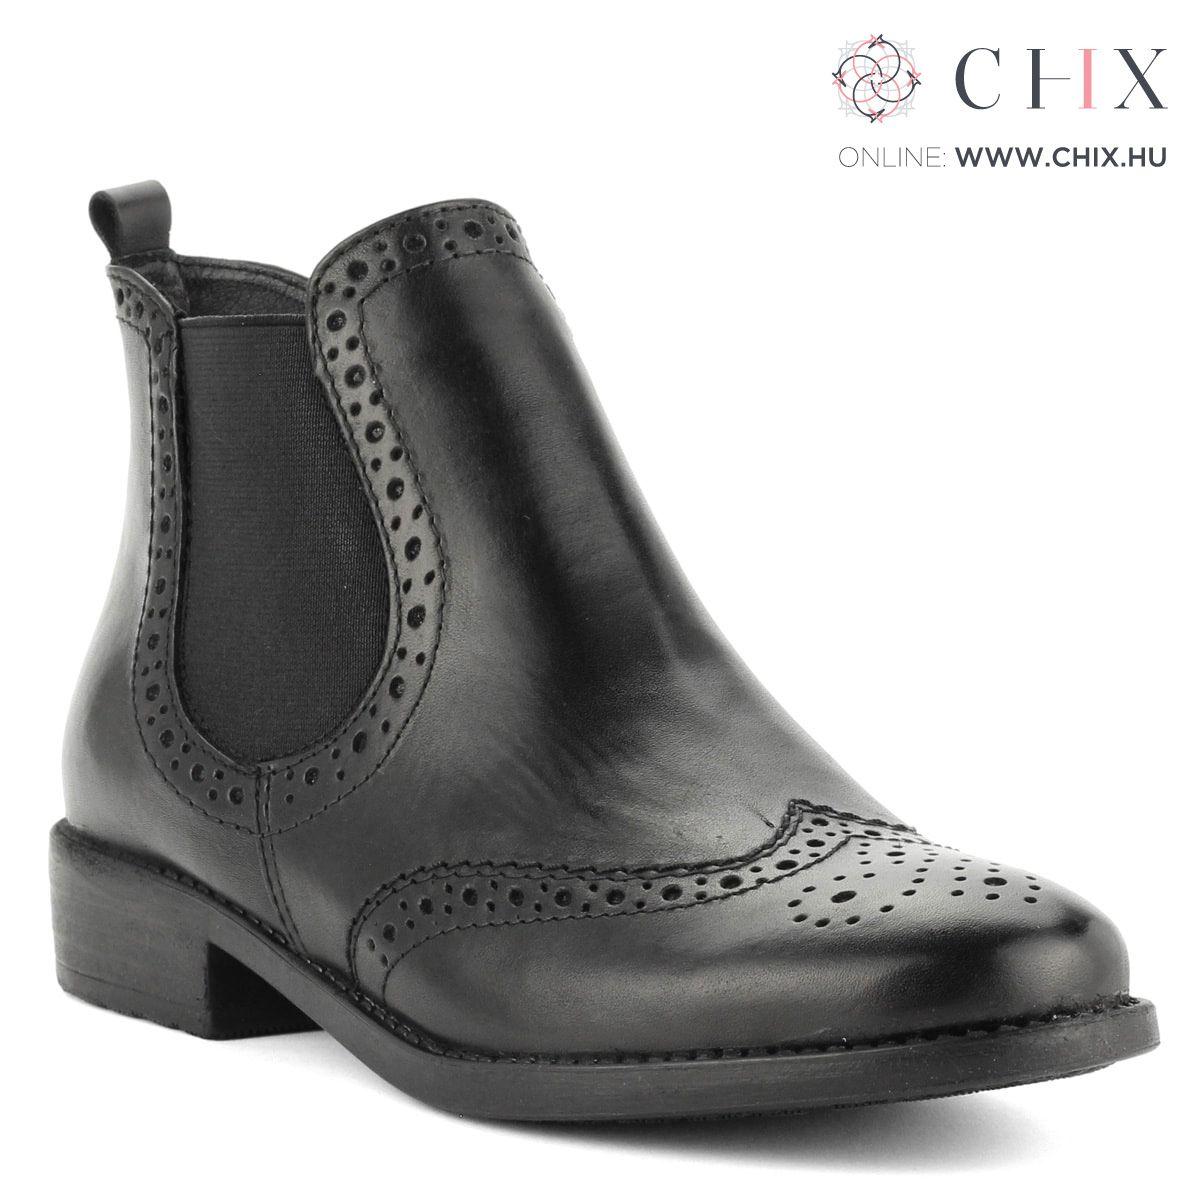 ec6d080a26 Pin szerzője: ChiX.hu Cipő Webáruház, közzétéve itt: Tamaris bokacsizmák |  Shoes, Boots és Fashion